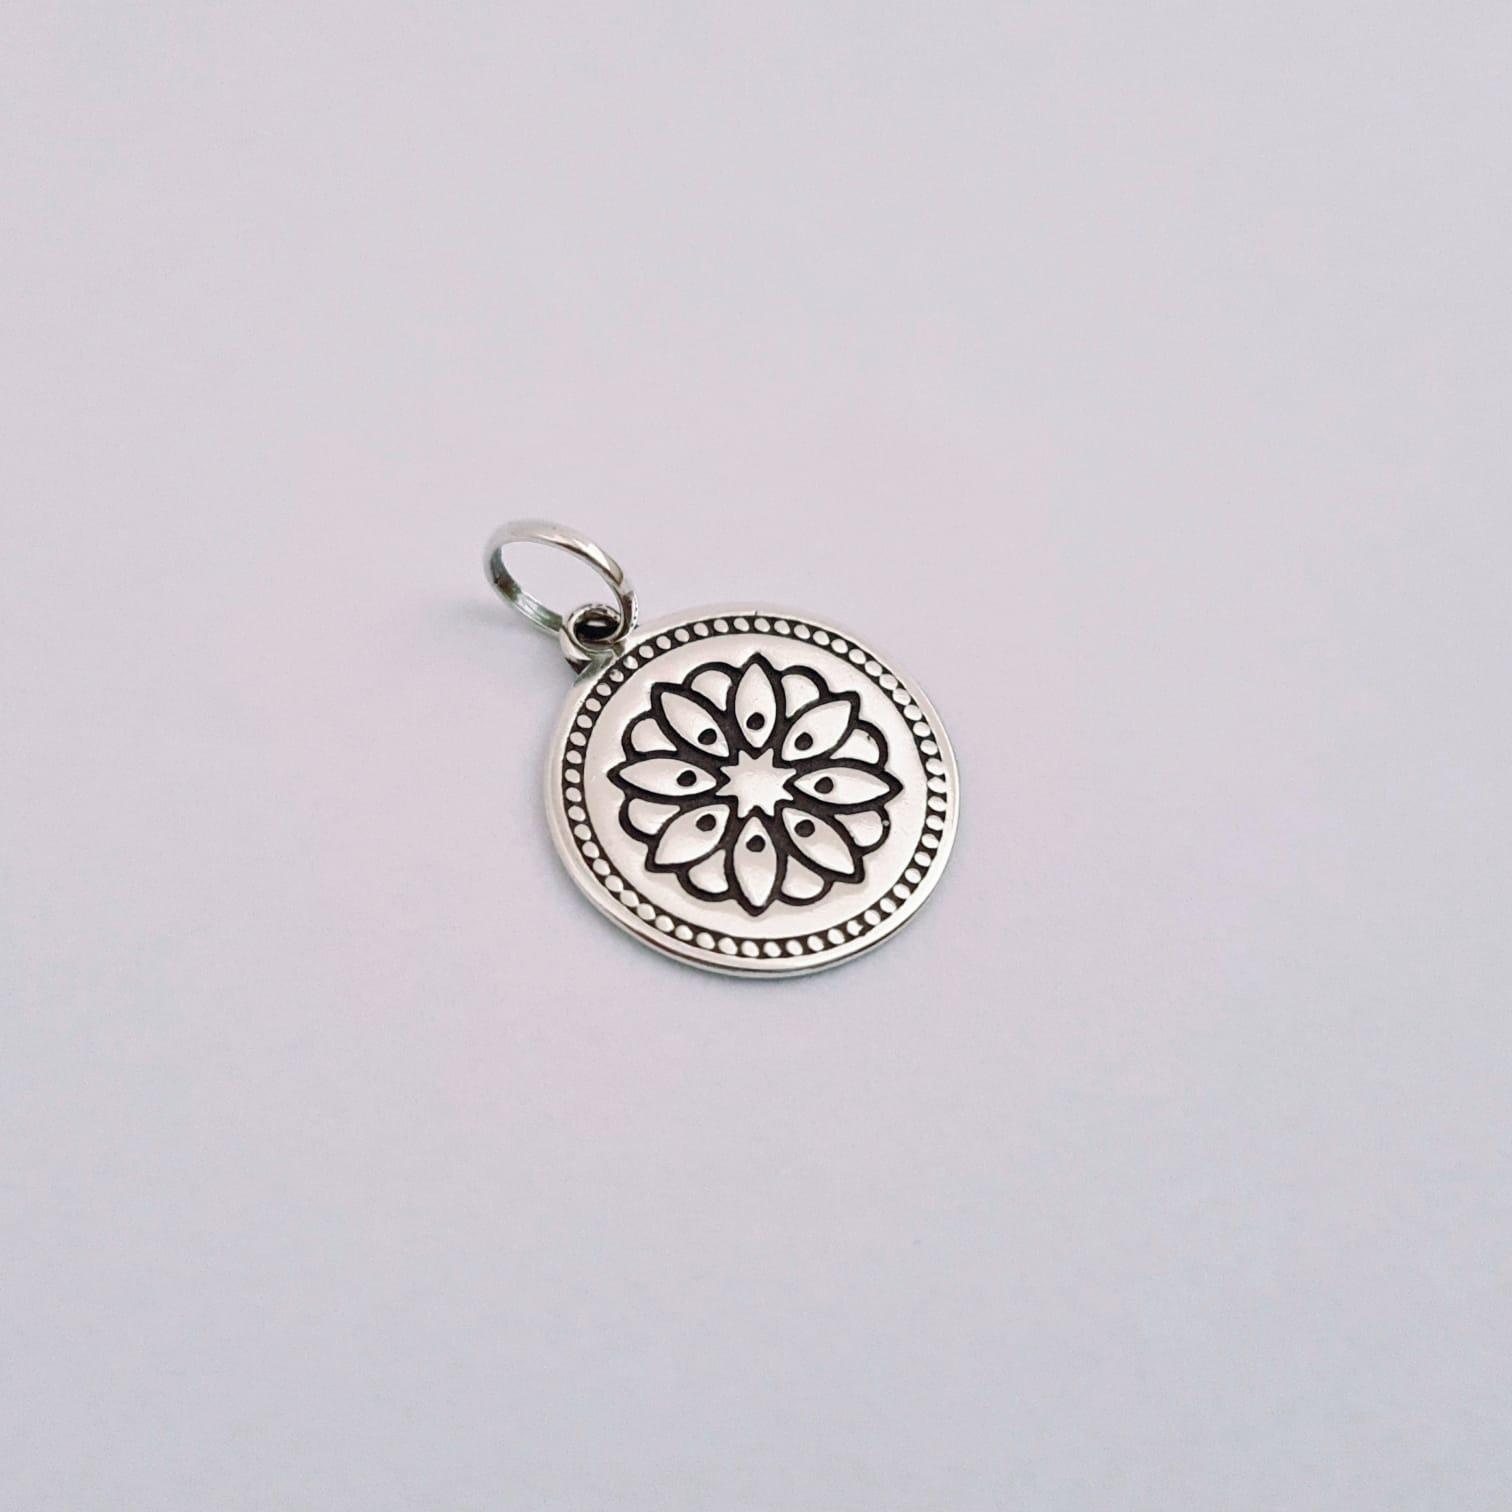 Pingente de Prata Medalhinha Mandala Flor